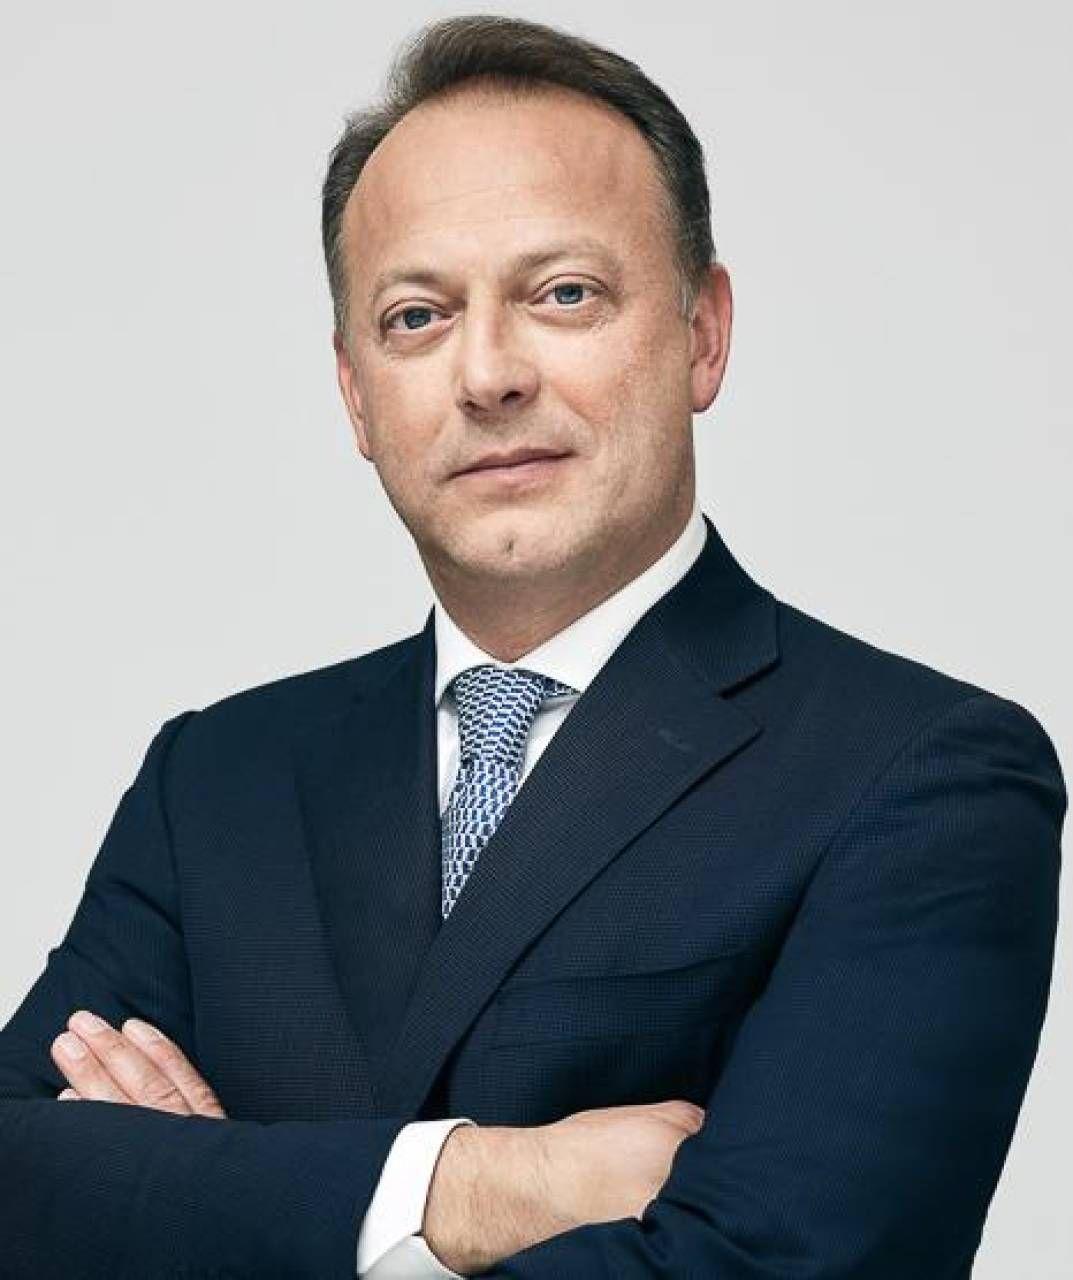 Carlo Bertazzo, 55 anni, amministratore delegato di Atlantia dal gennaio 2020